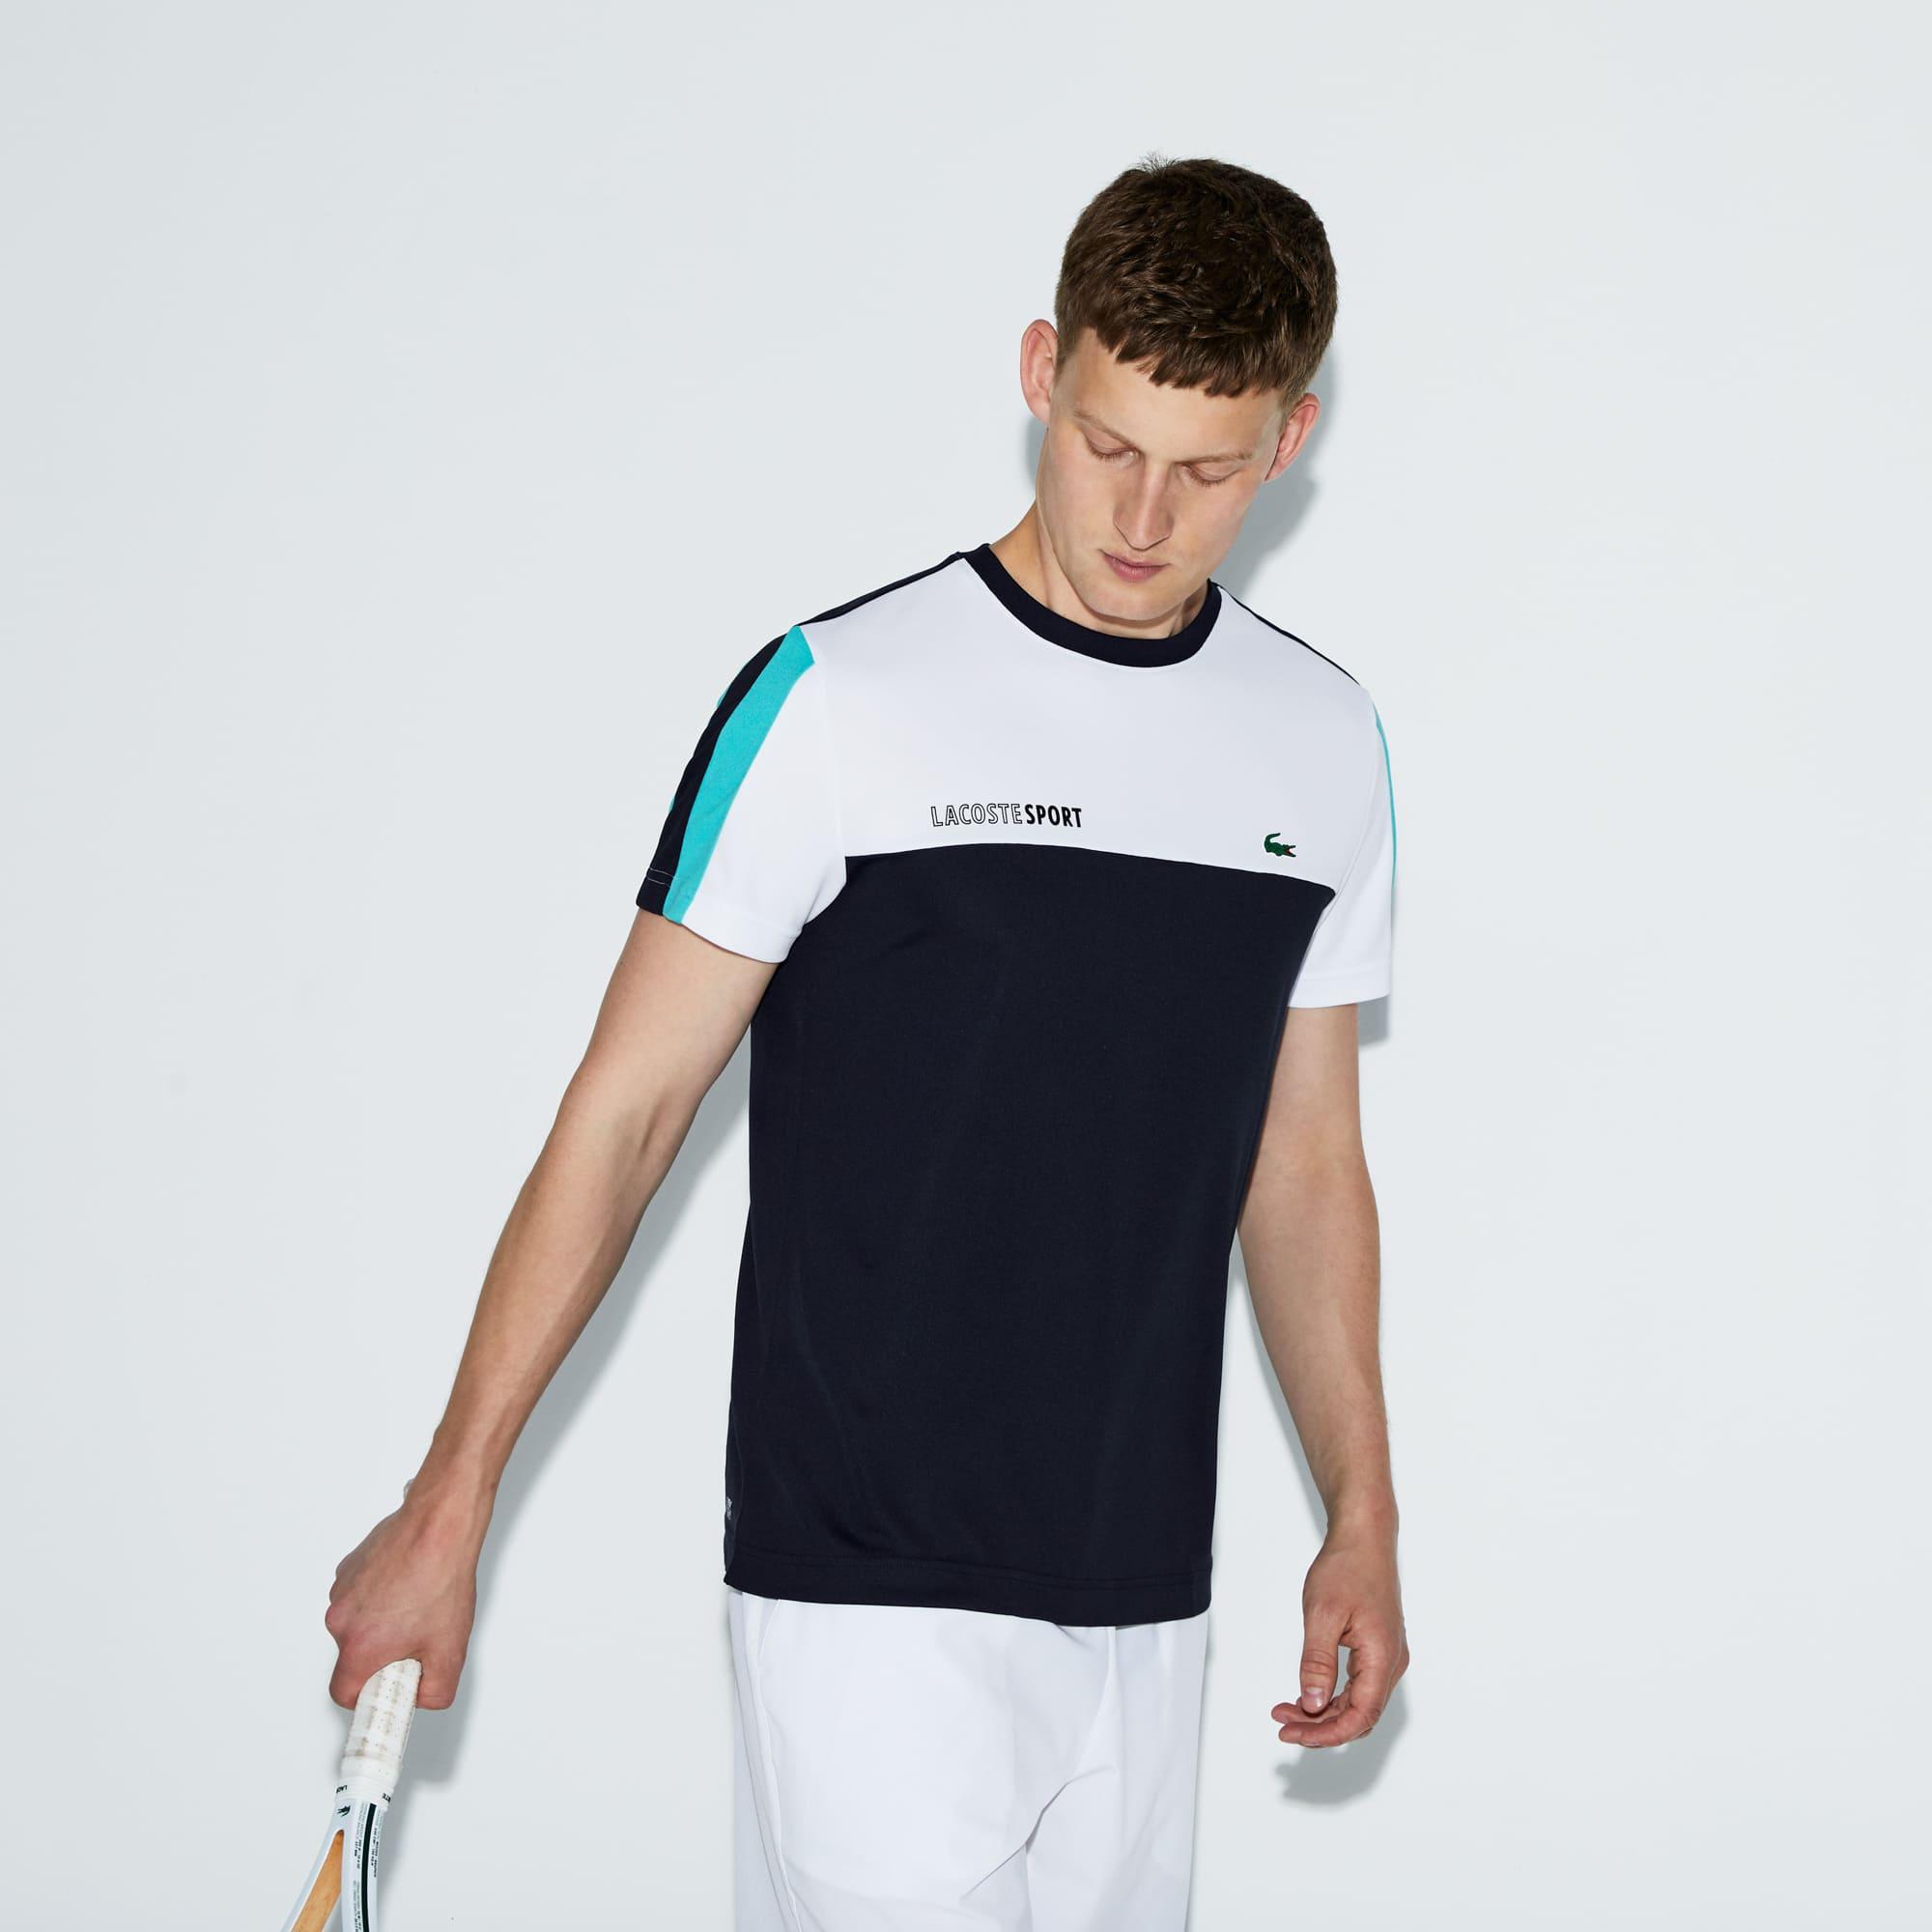 Men's Lacoste SPORT Crew Neck Colorblock Piqué Tennis T-shirt